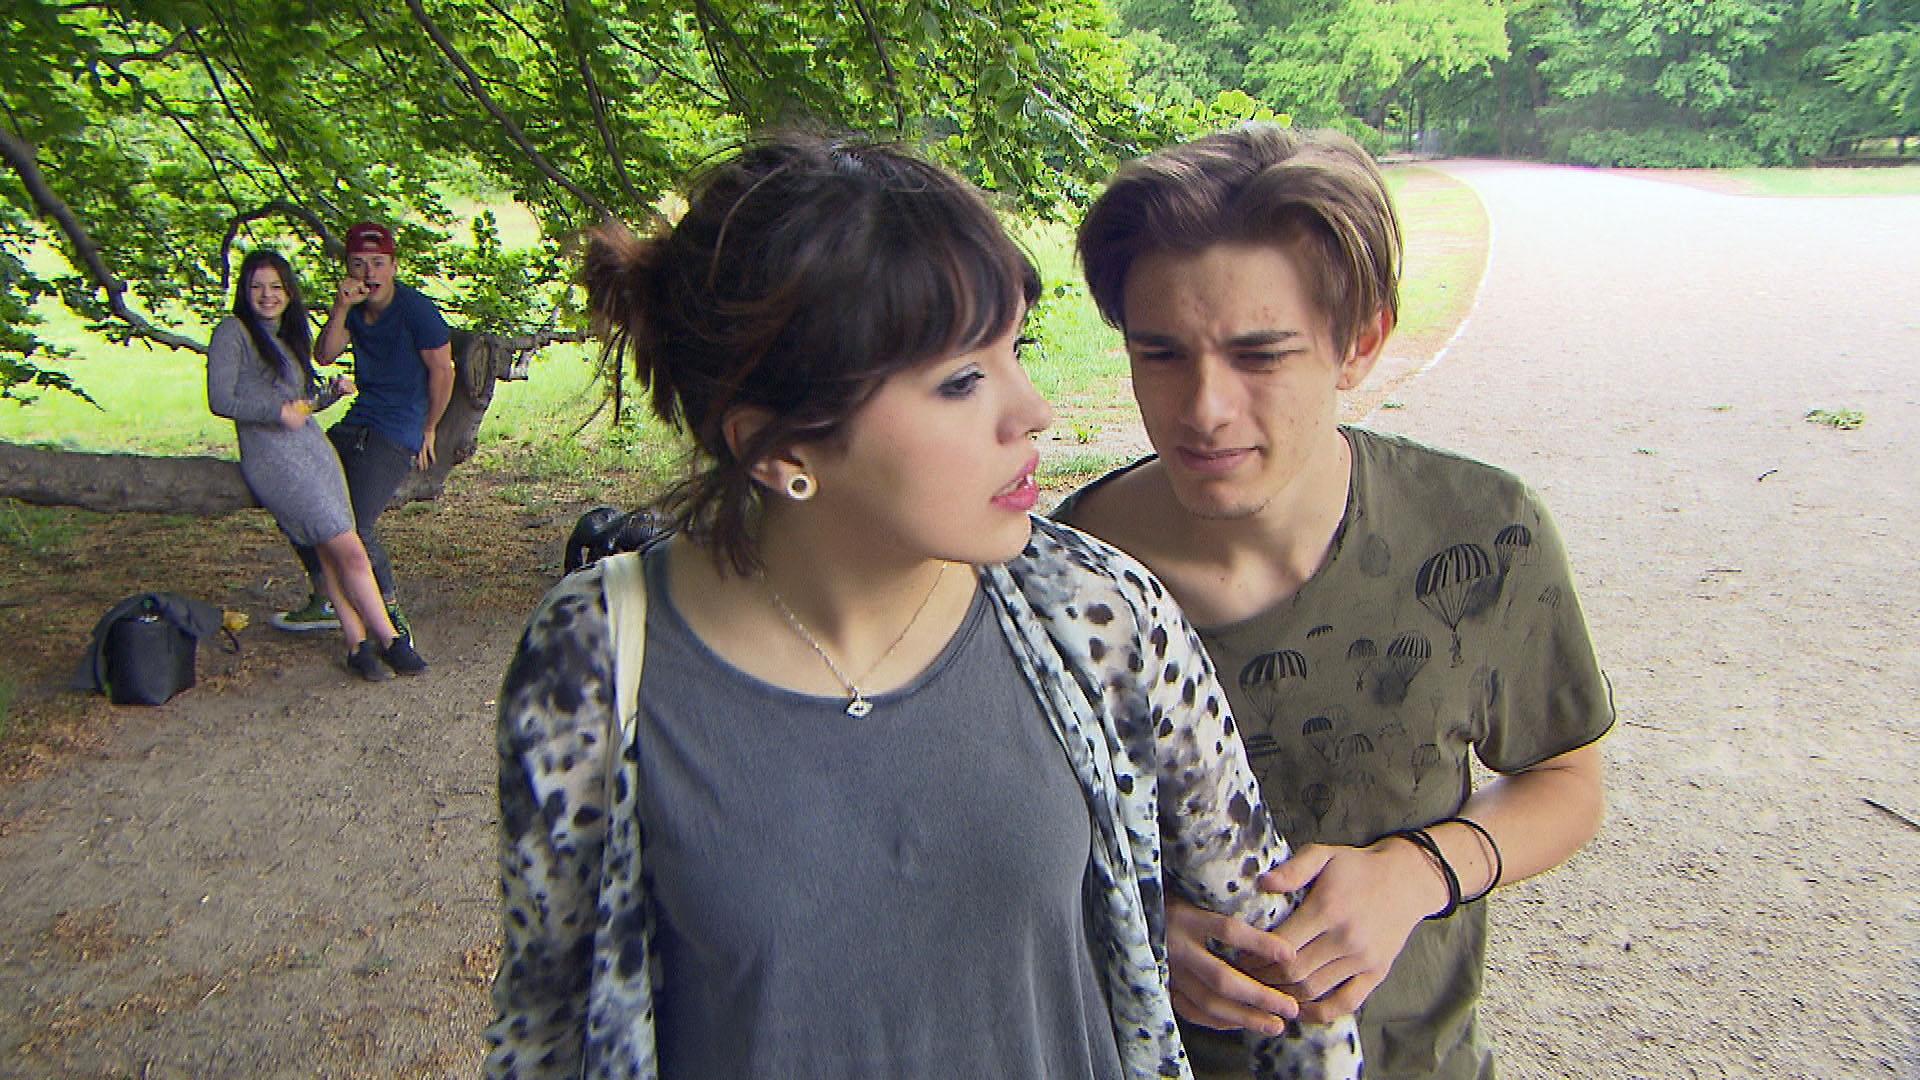 v.l.n.r.: Denise, Nico, Aylin, Malte (Quelle: RTL 2)